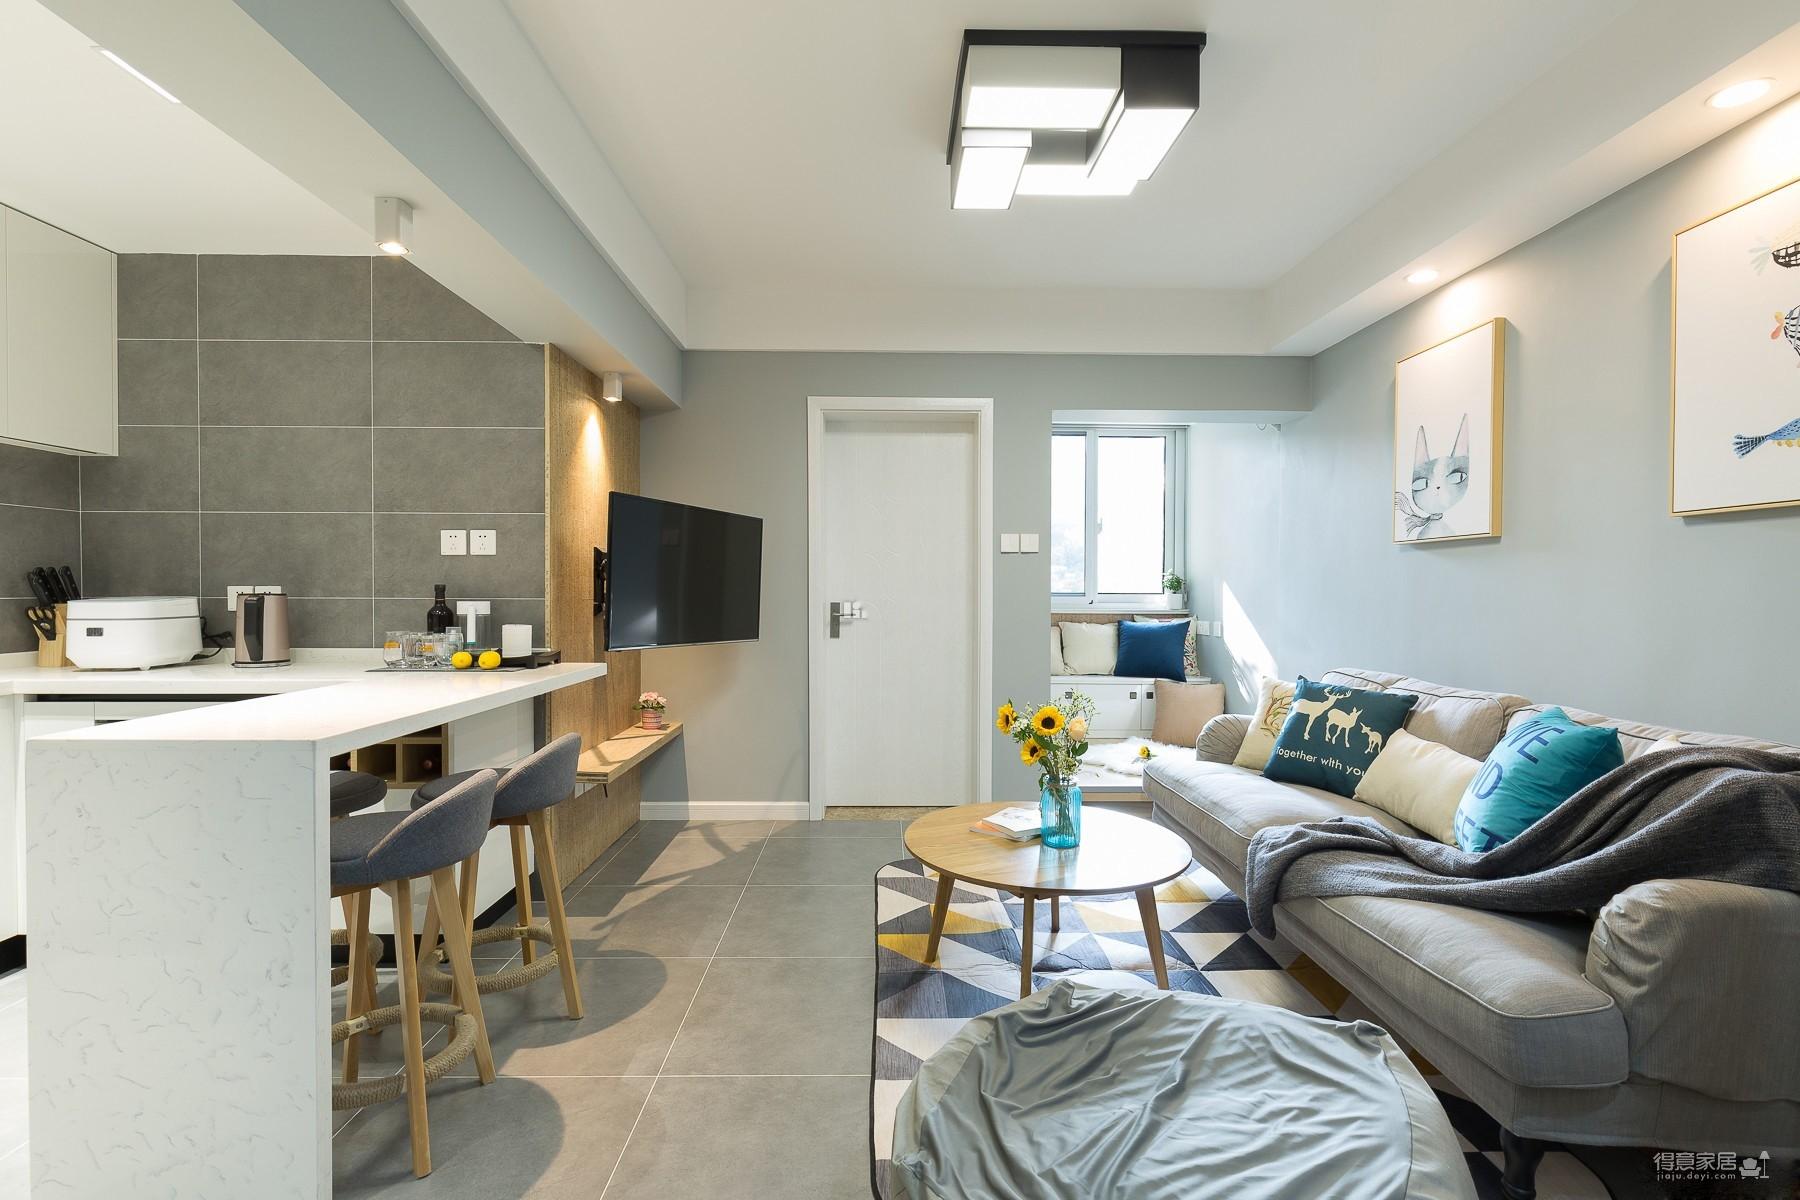 60平小公寓的空间利用图_12